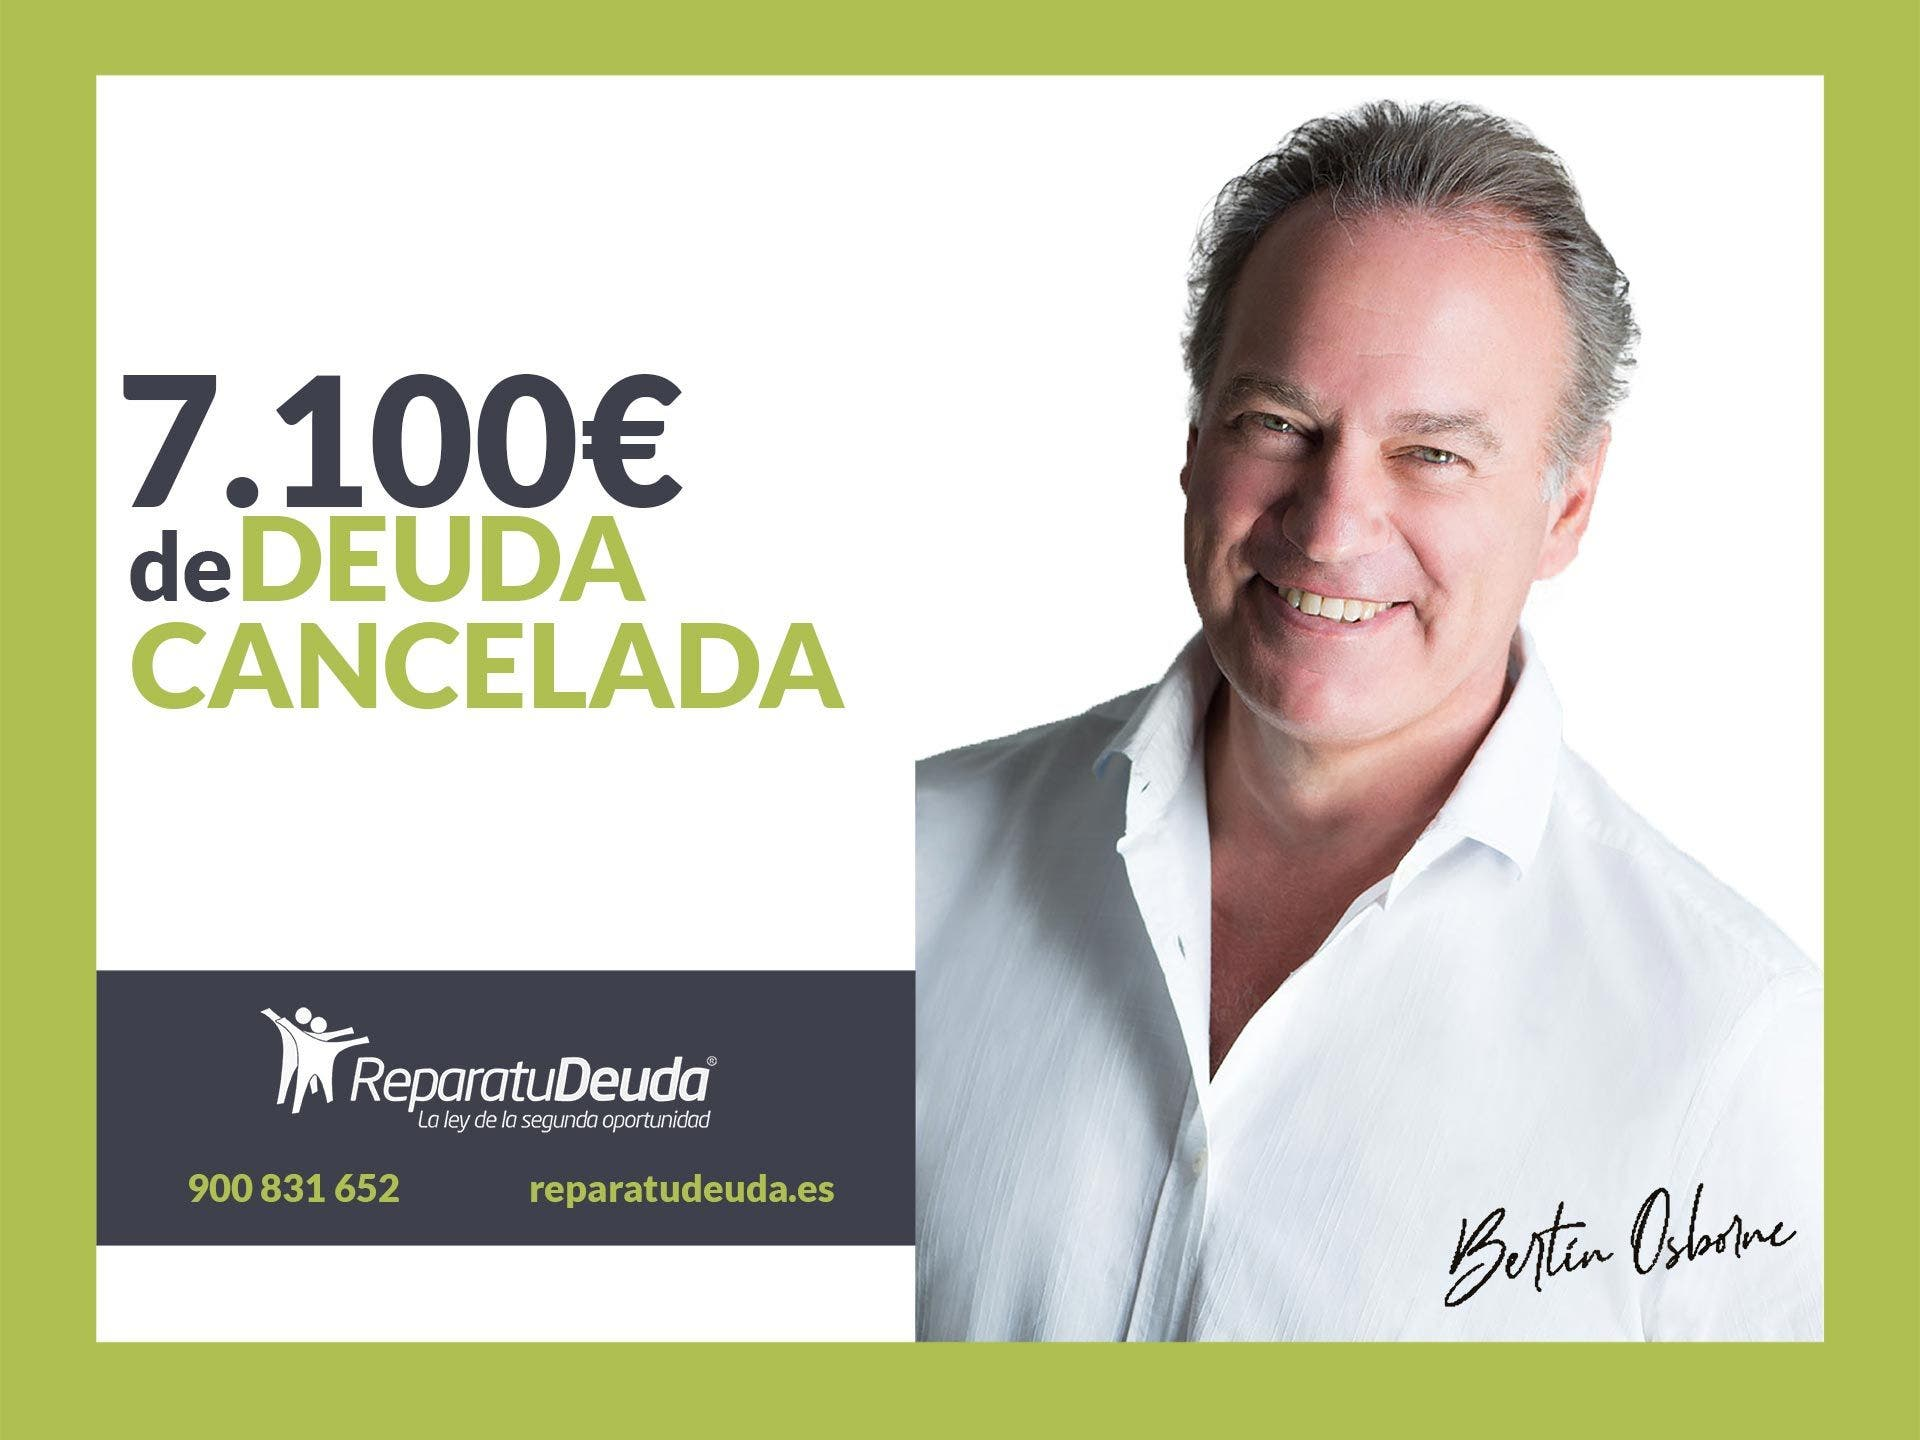 Repara tu Deuda Abogados cancela 7.100 € en Lorca (Murcia) con la Ley de la Segunda Oportunidad